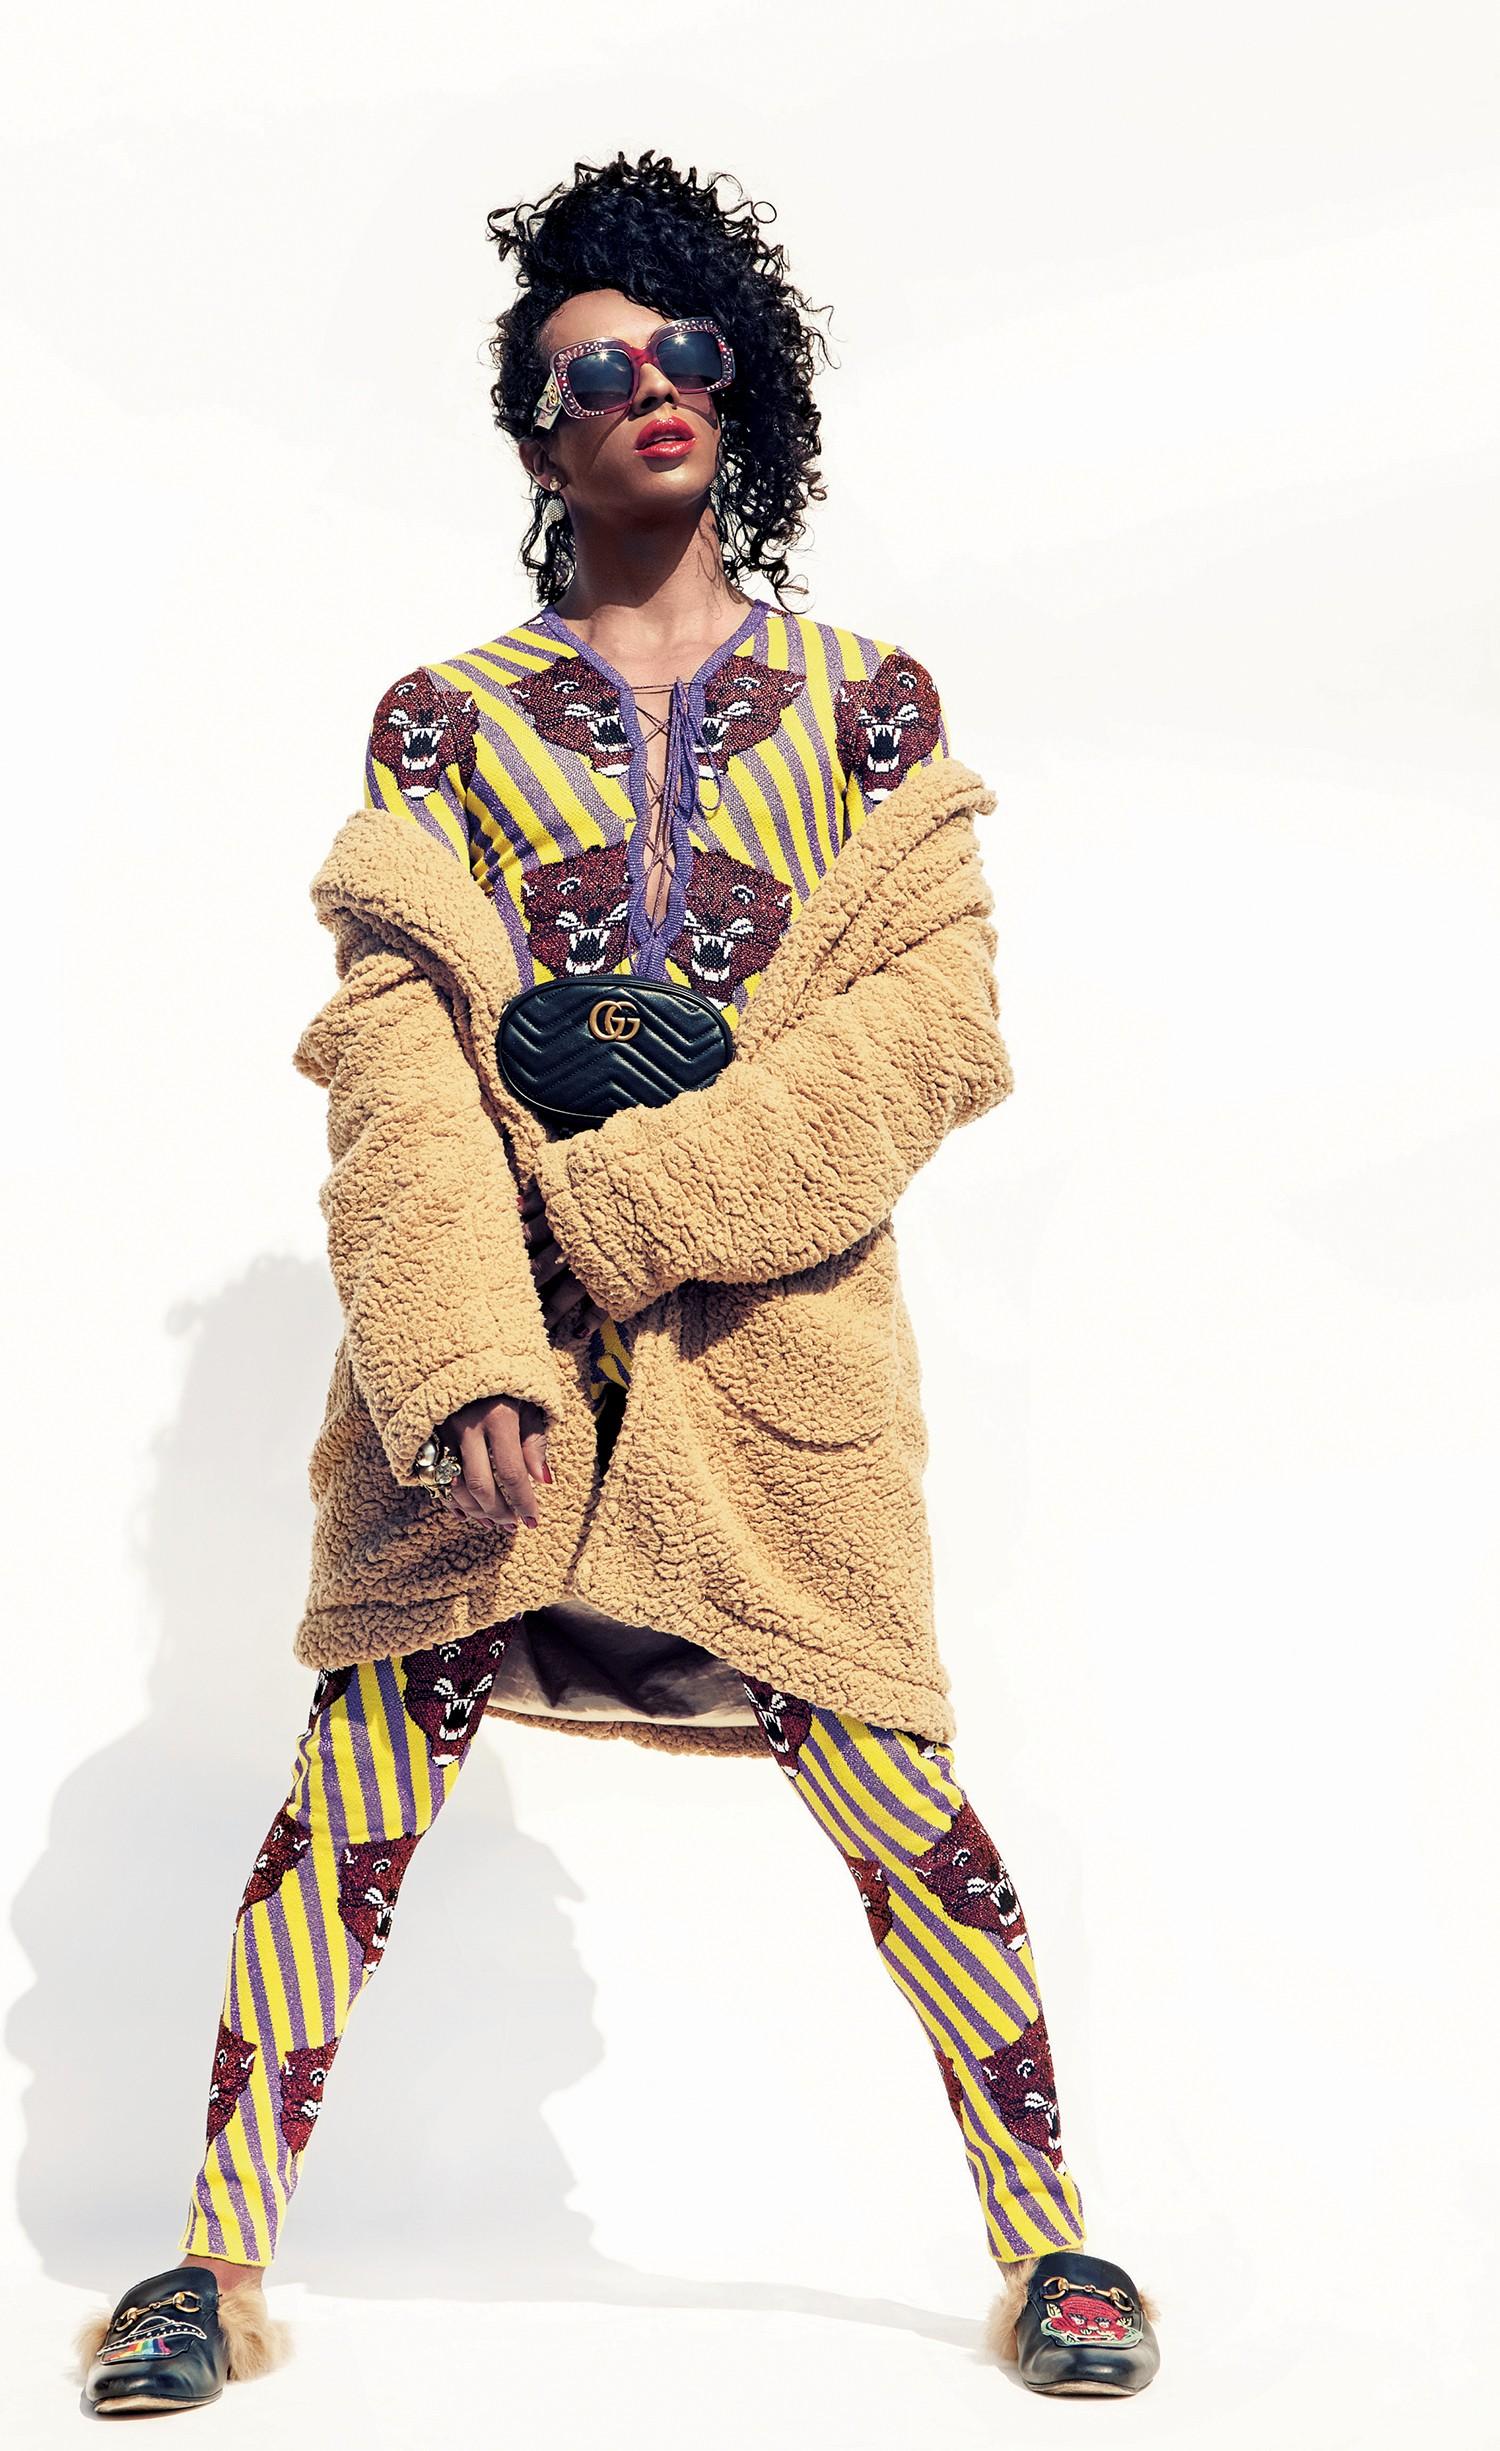 Macacão de tricô e lurex (R$ 11.250), anel (R$ 3.690) e sapatos (R$ 4.810). Casaco Cotton Project (R$ 499) (Foto: Cassia Tabatini)